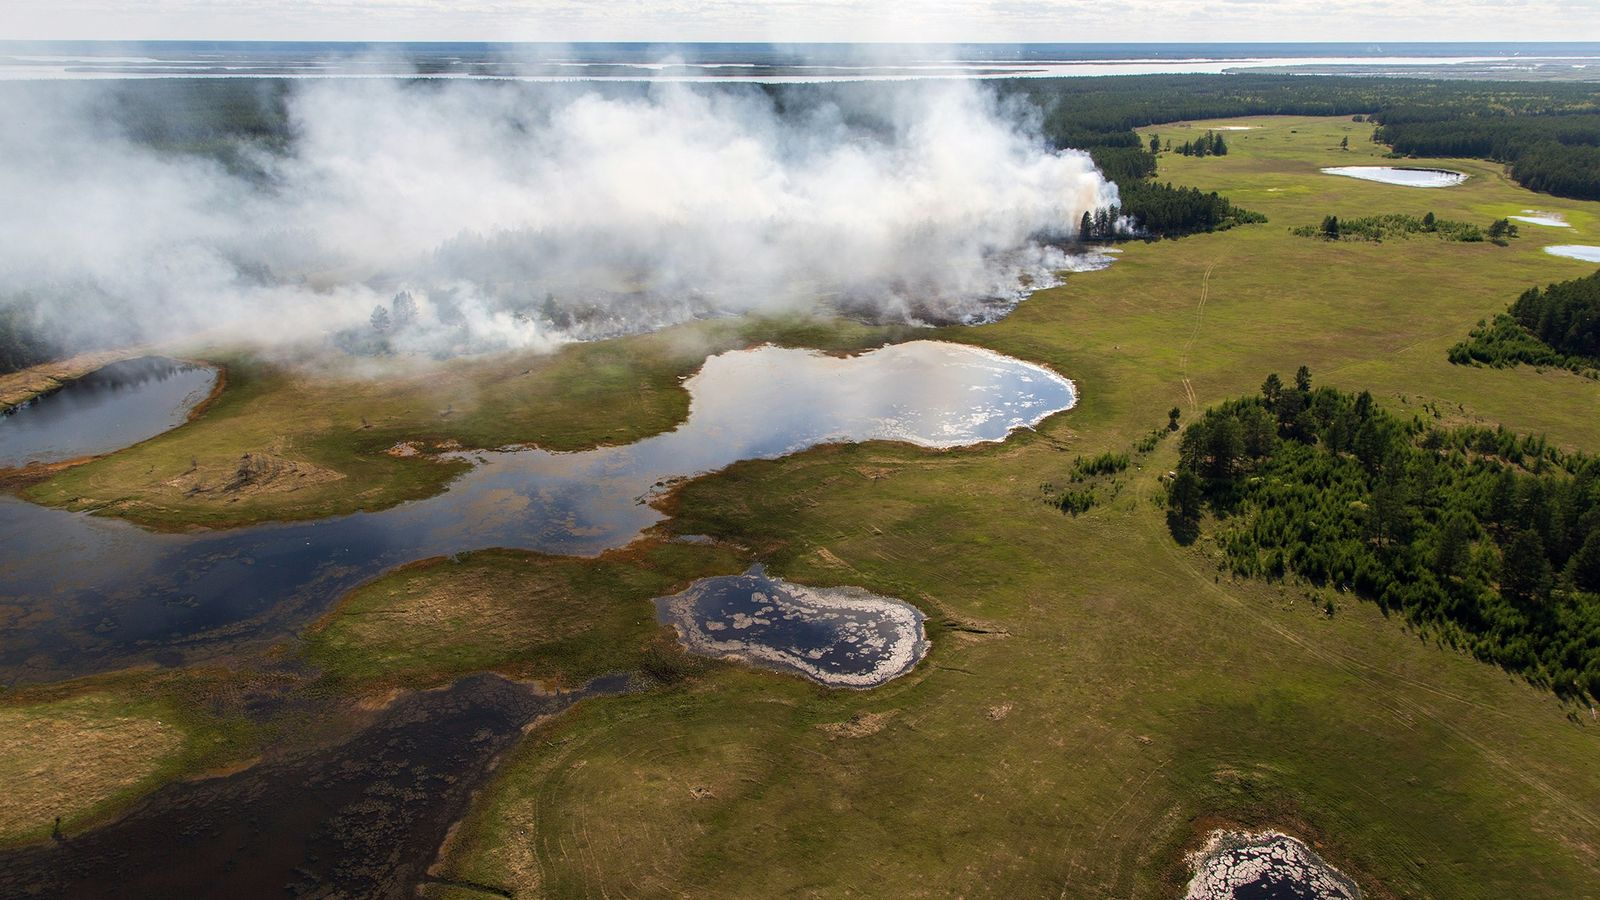 Uma floresta a arder na região centro de Yakutia, uma das regiões mais frias da Rússia. ...